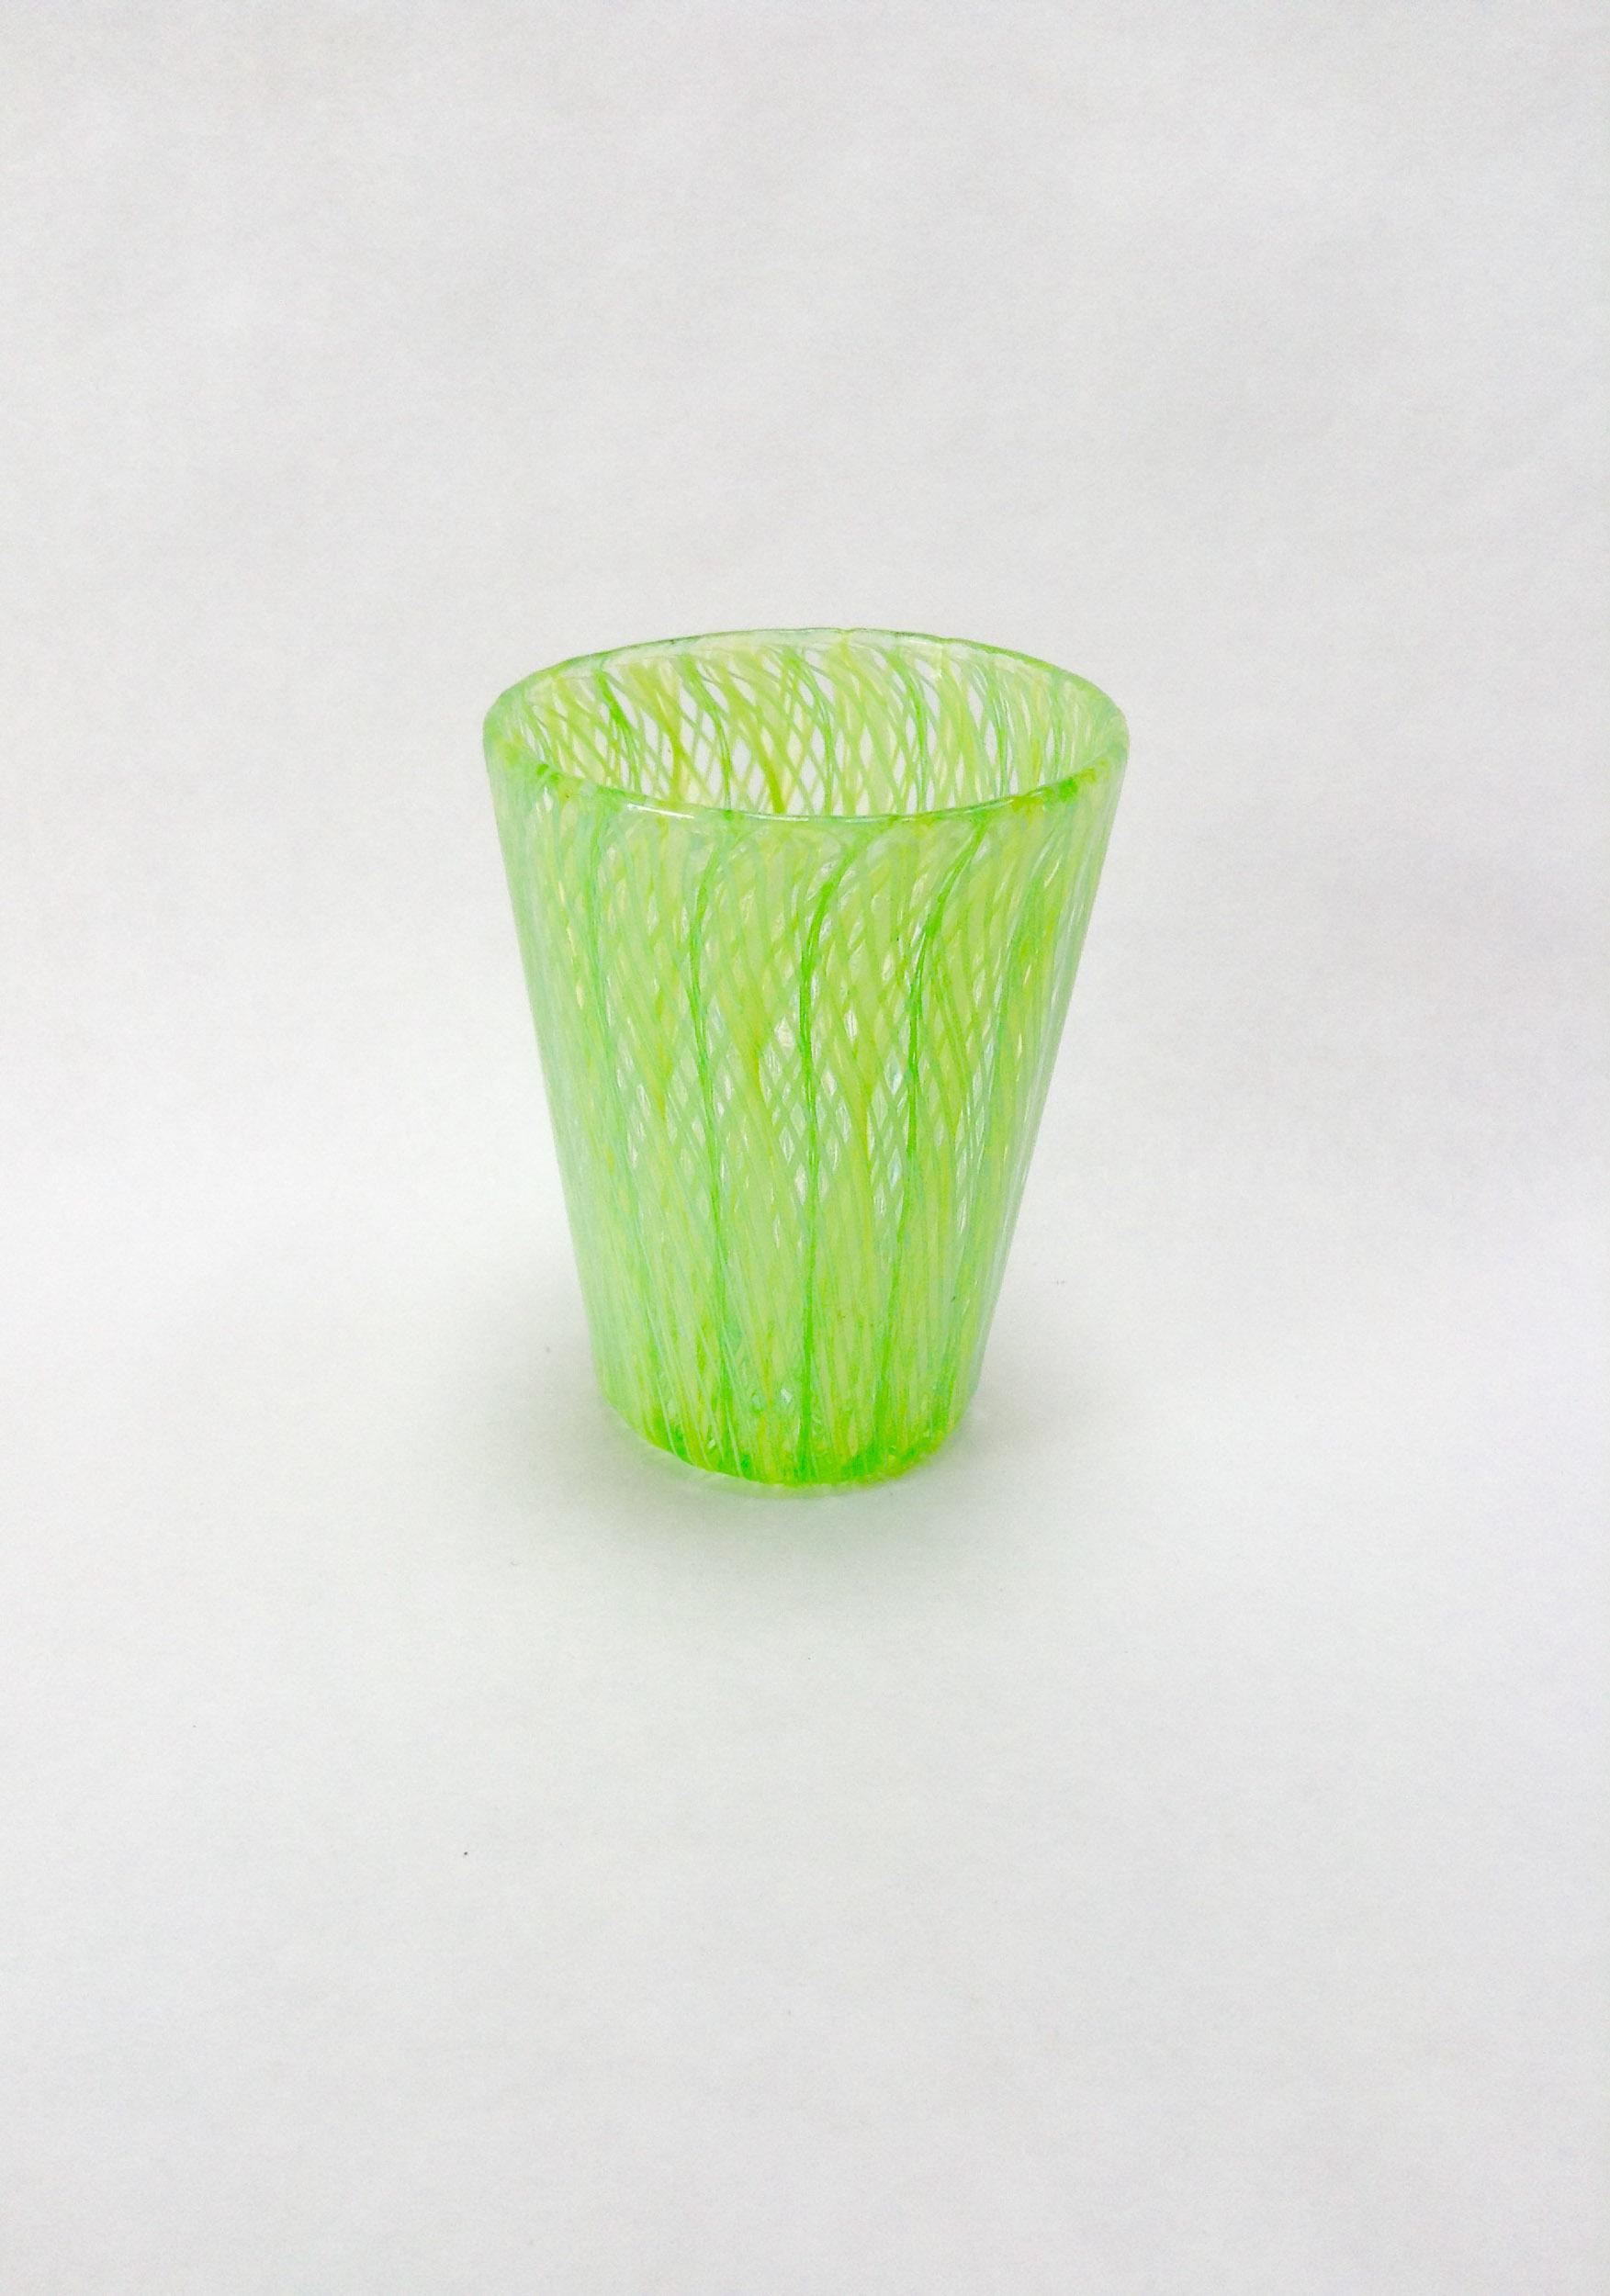 Olive-Glass_Italian-Art-Glass_Corrie-Haight_Lark-Dalton-20161212.jpg